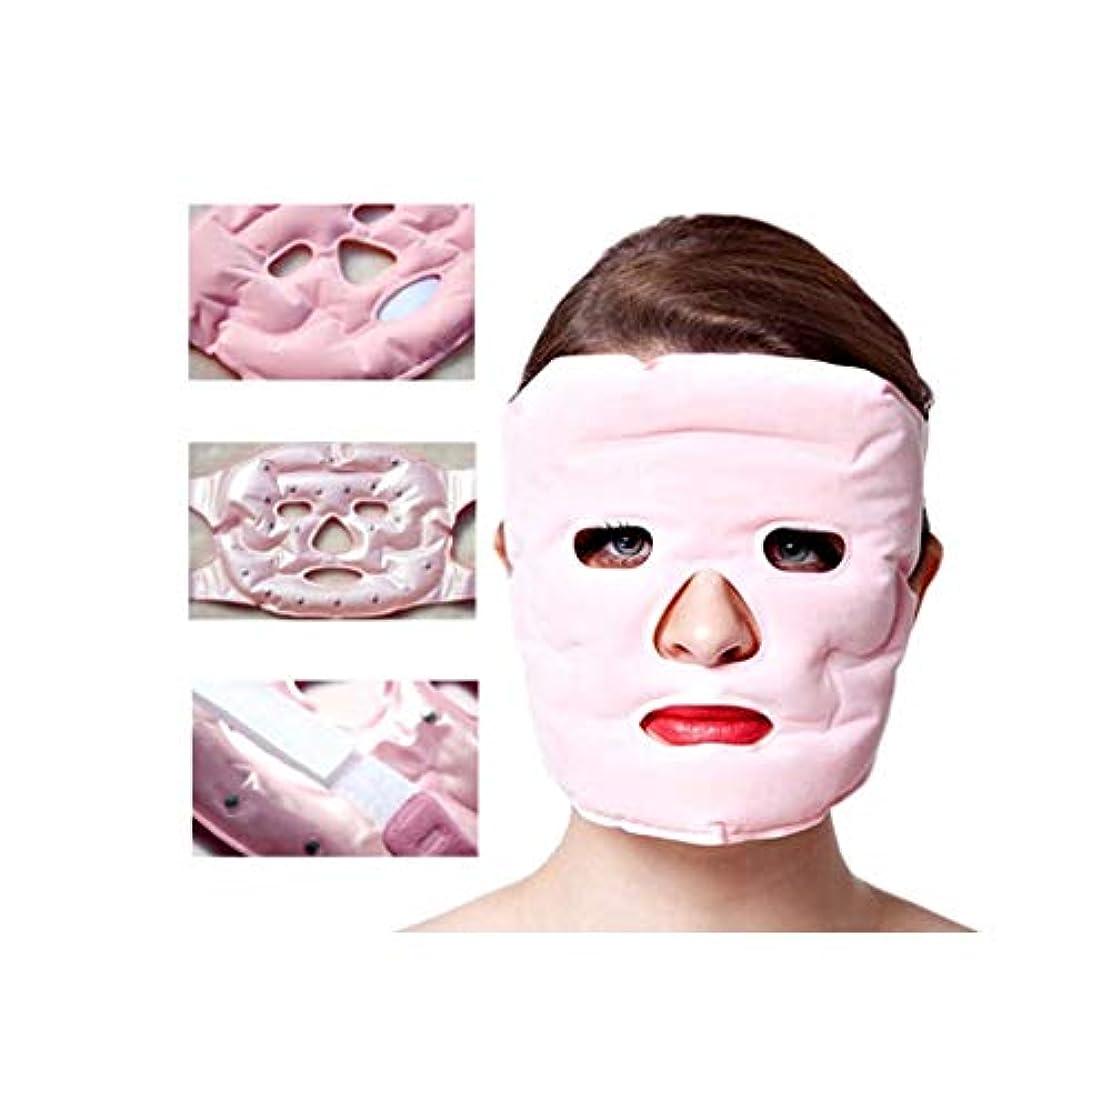 軽マルクス主義者回復するフェイシャルスリミング、Vフェイスマスク、フェイスリフティングビューティーマスク、磁気療法リフティングフェイス、肌の状態を改善するための肌の頬の引き締め